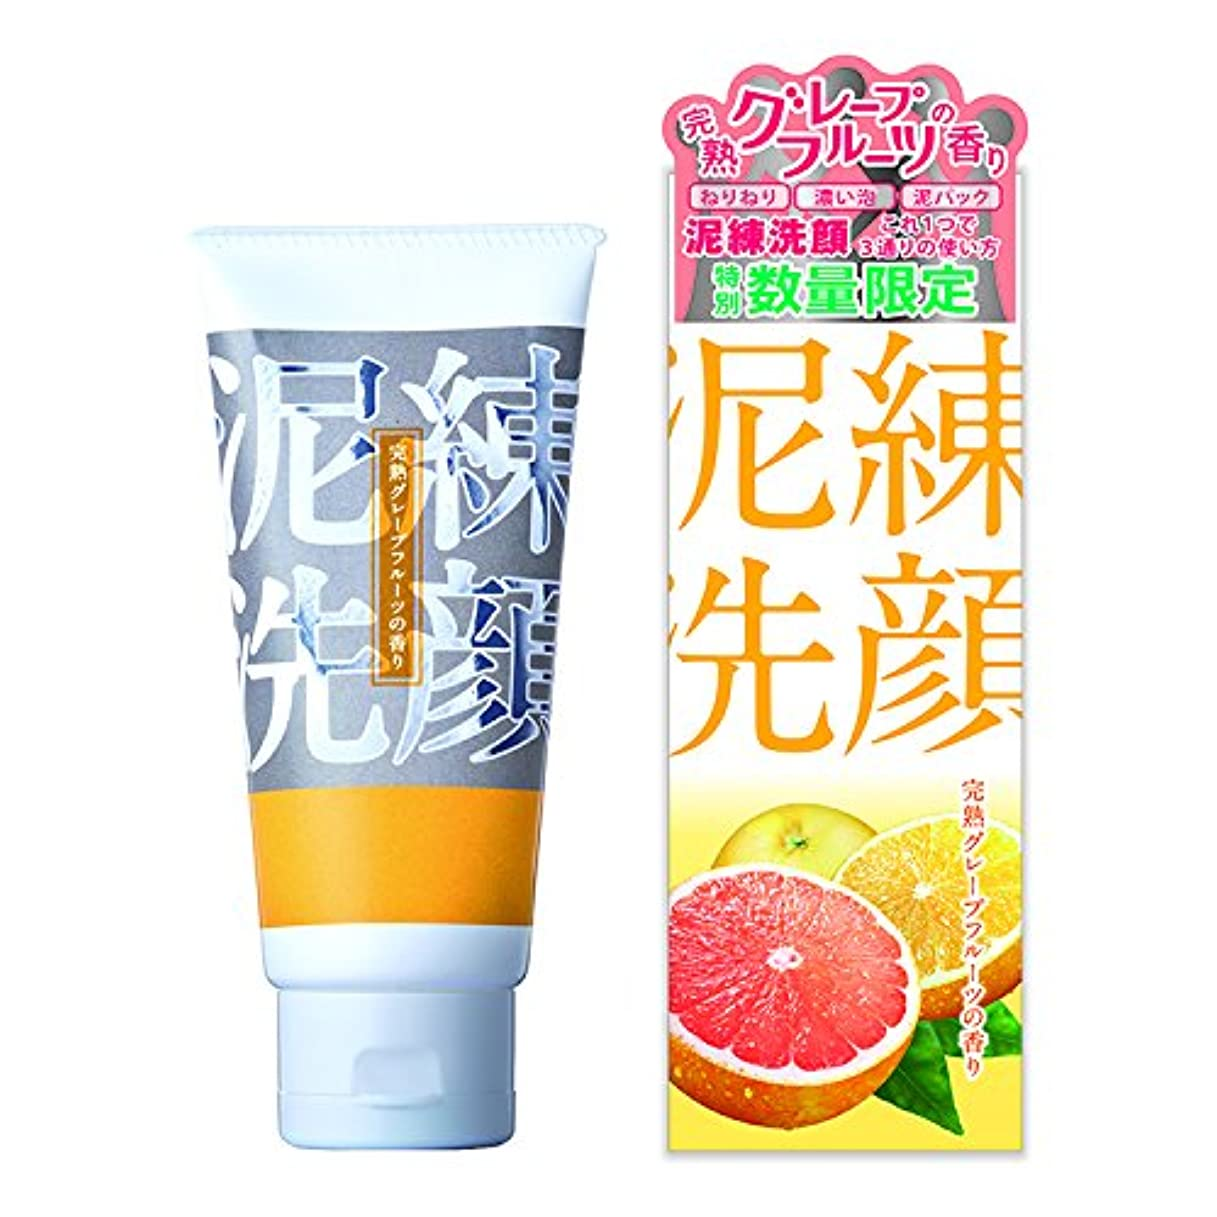 理論的ホイスト芝生泥練洗顔 完熟グレープフルーツの香り 120g【泥 洗顔 6種の泥で 黒ずみ 毛穴 洗浄 3つの使い方】